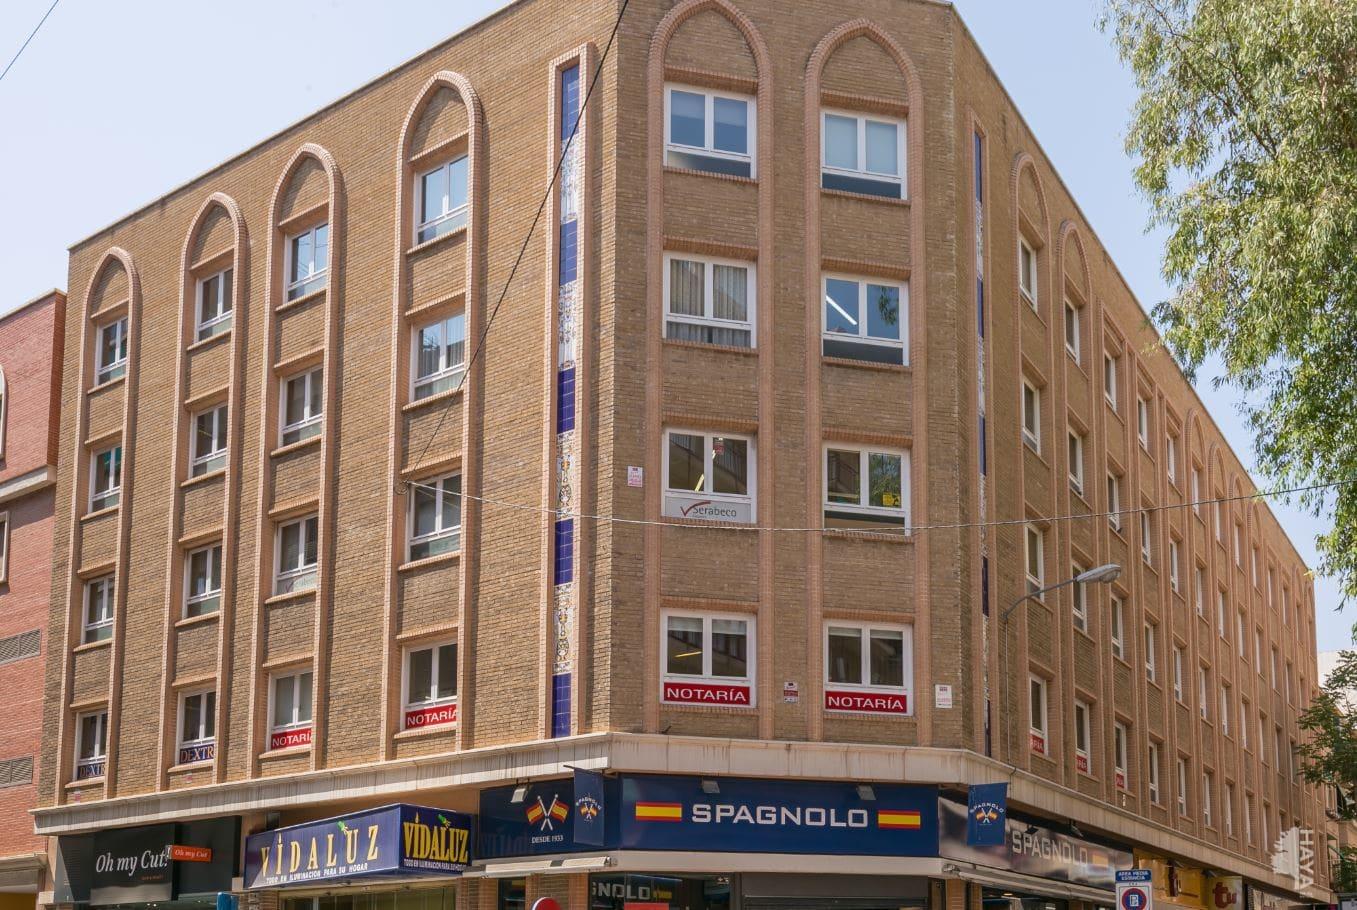 Oficina en venta en Alicante/alacant, Alicante, Calle Arquitecto Morell, 1.275.525 €, 520 m2